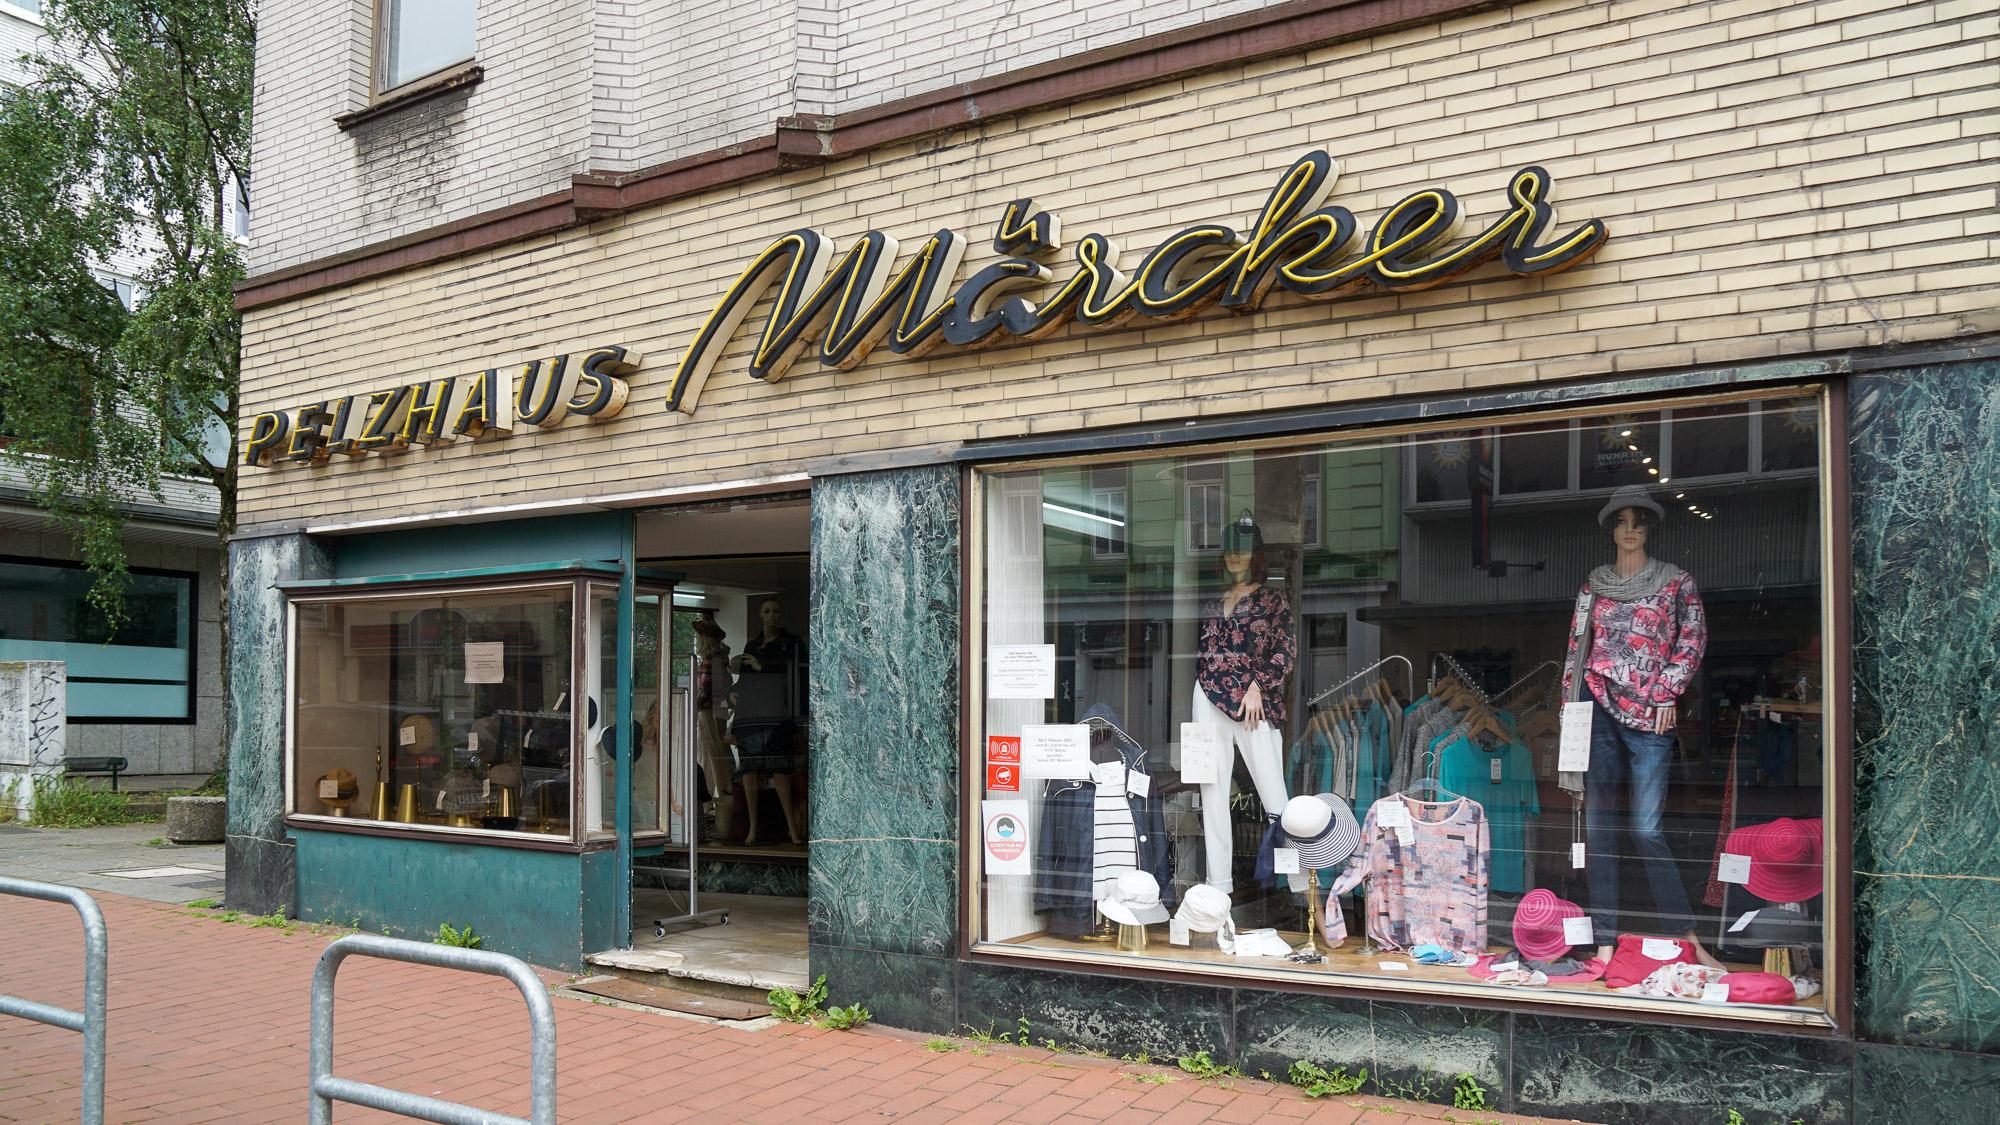 """Altmodisches Geschäft mit grüner Marrmorverkleidung und gelb geklinkerter Hausfassade. In alter Neonschrift: """"Pelzhaus Märcker"""""""